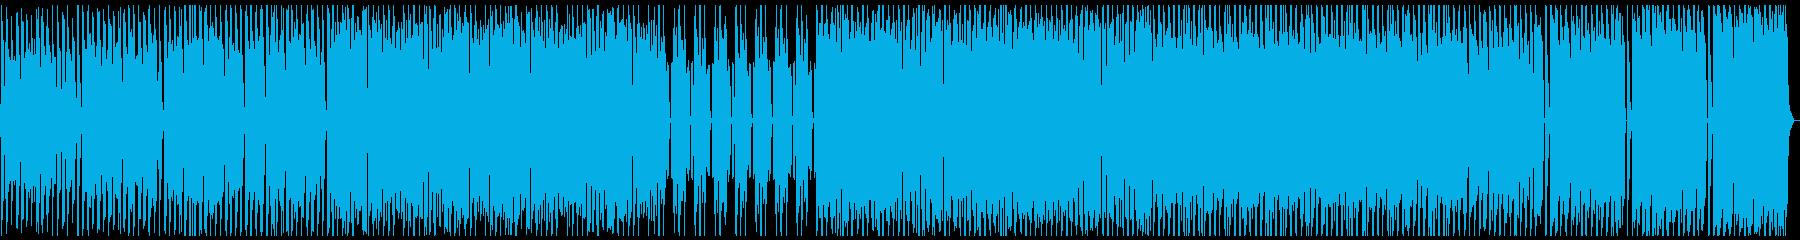 4つ打ちの暗めなダンスミュージックの再生済みの波形